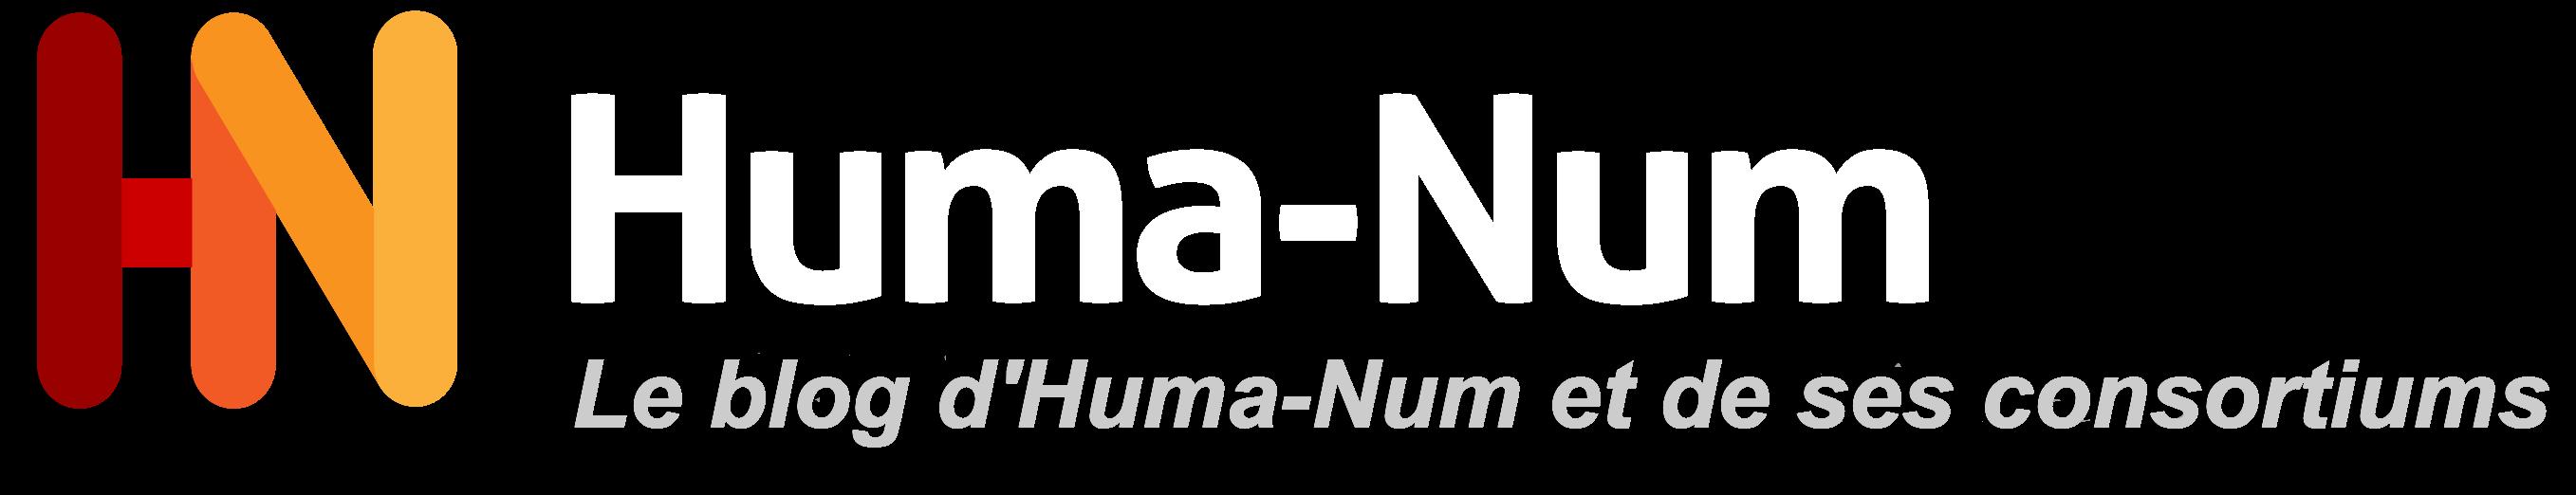 Le blog d'Huma-Num et de ses consortiums